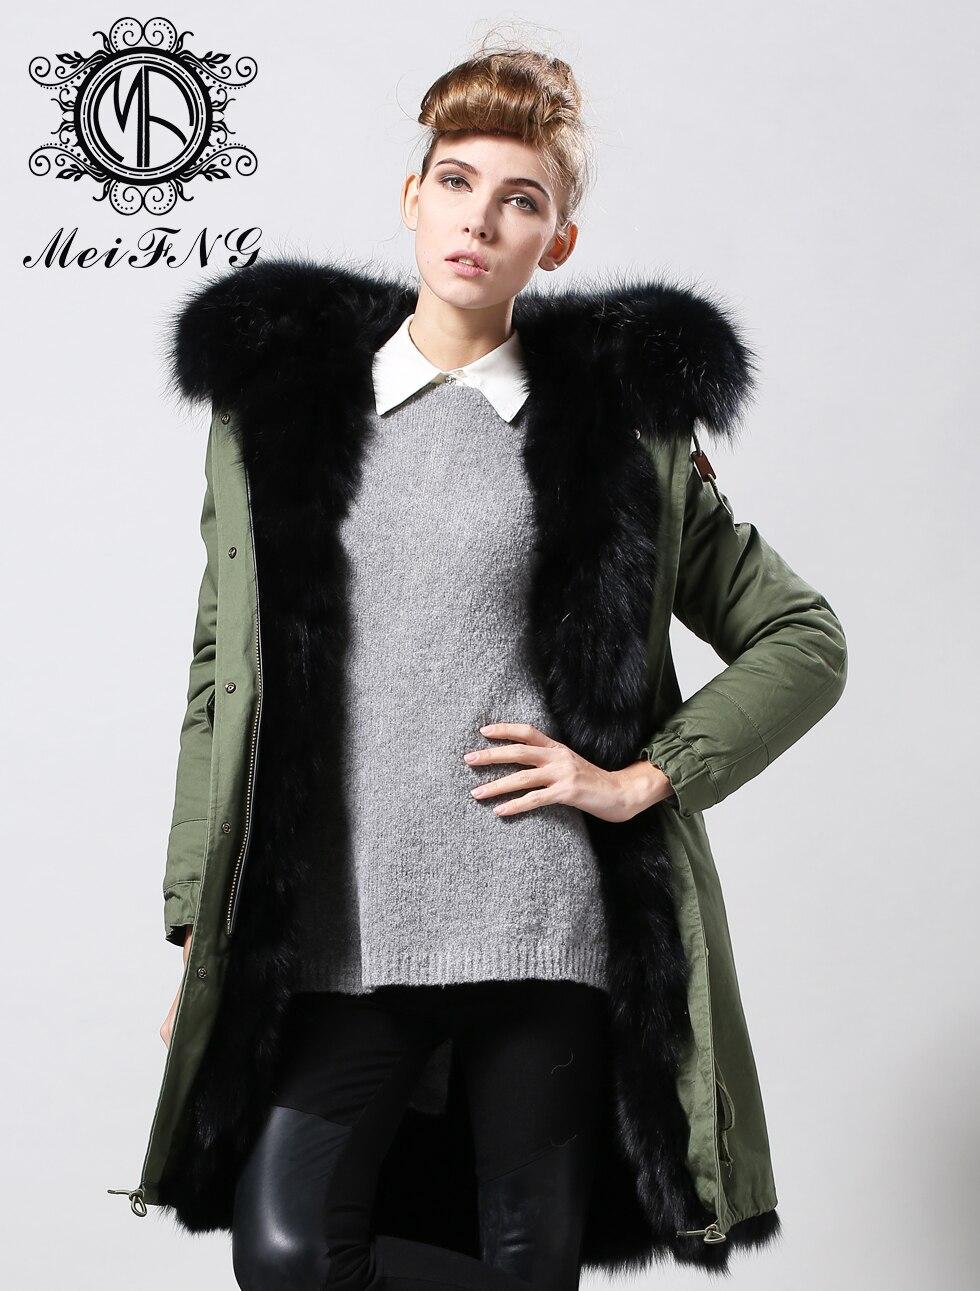 Модная зимняя парка с натуральным лисьим пальто с мехом в черный цвет меха, зеленый/темно синий/черный/желтый парка для мужчины или женщины